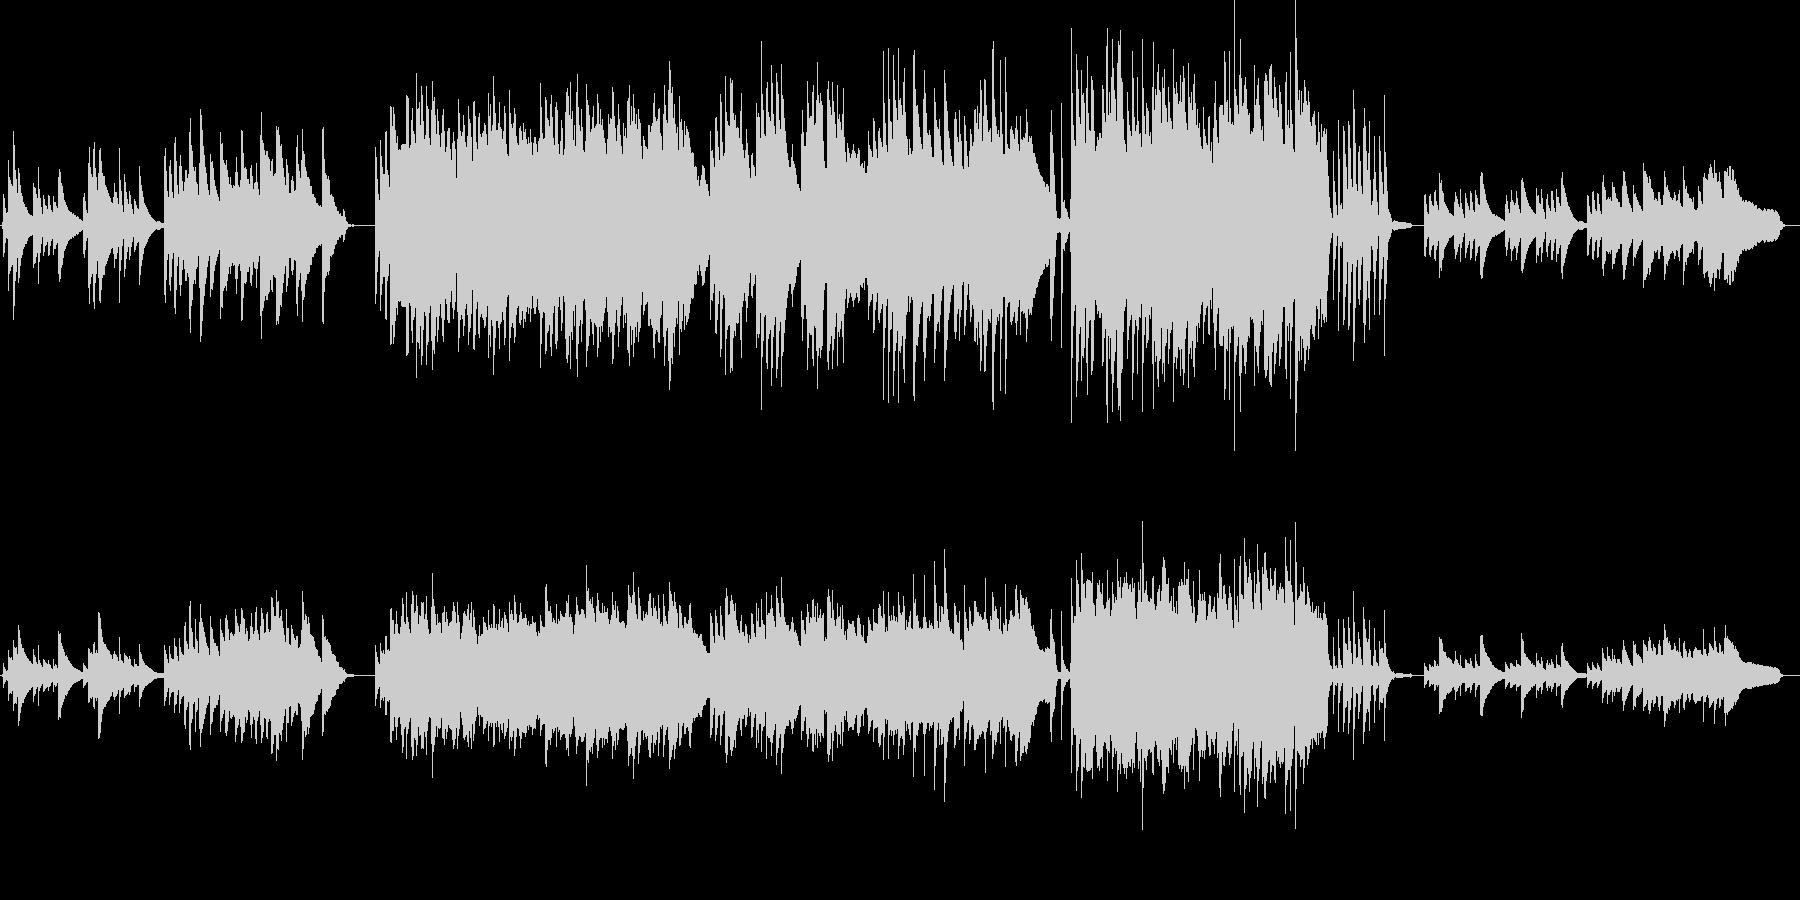 ピアノとストリングスがメインのバラードの未再生の波形